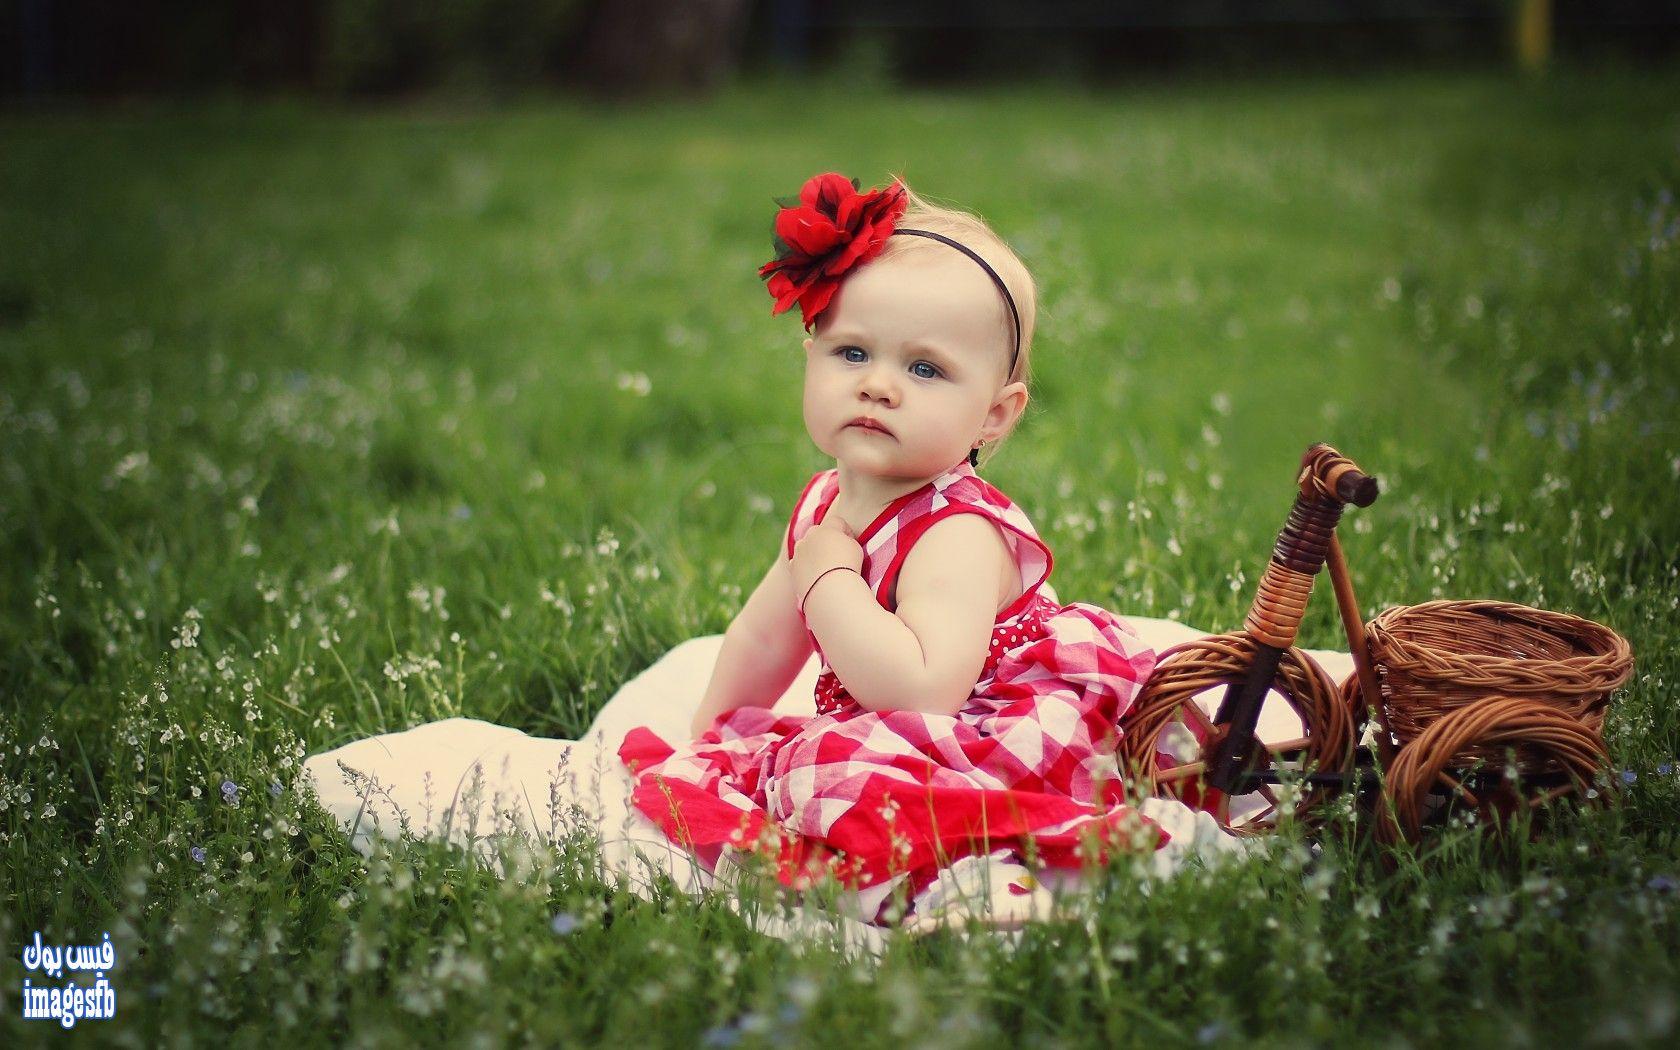 Baby Animals Hd Wallpapers اجمل واروع صور اطفال صور اطفال كيوت حول العالم امجز